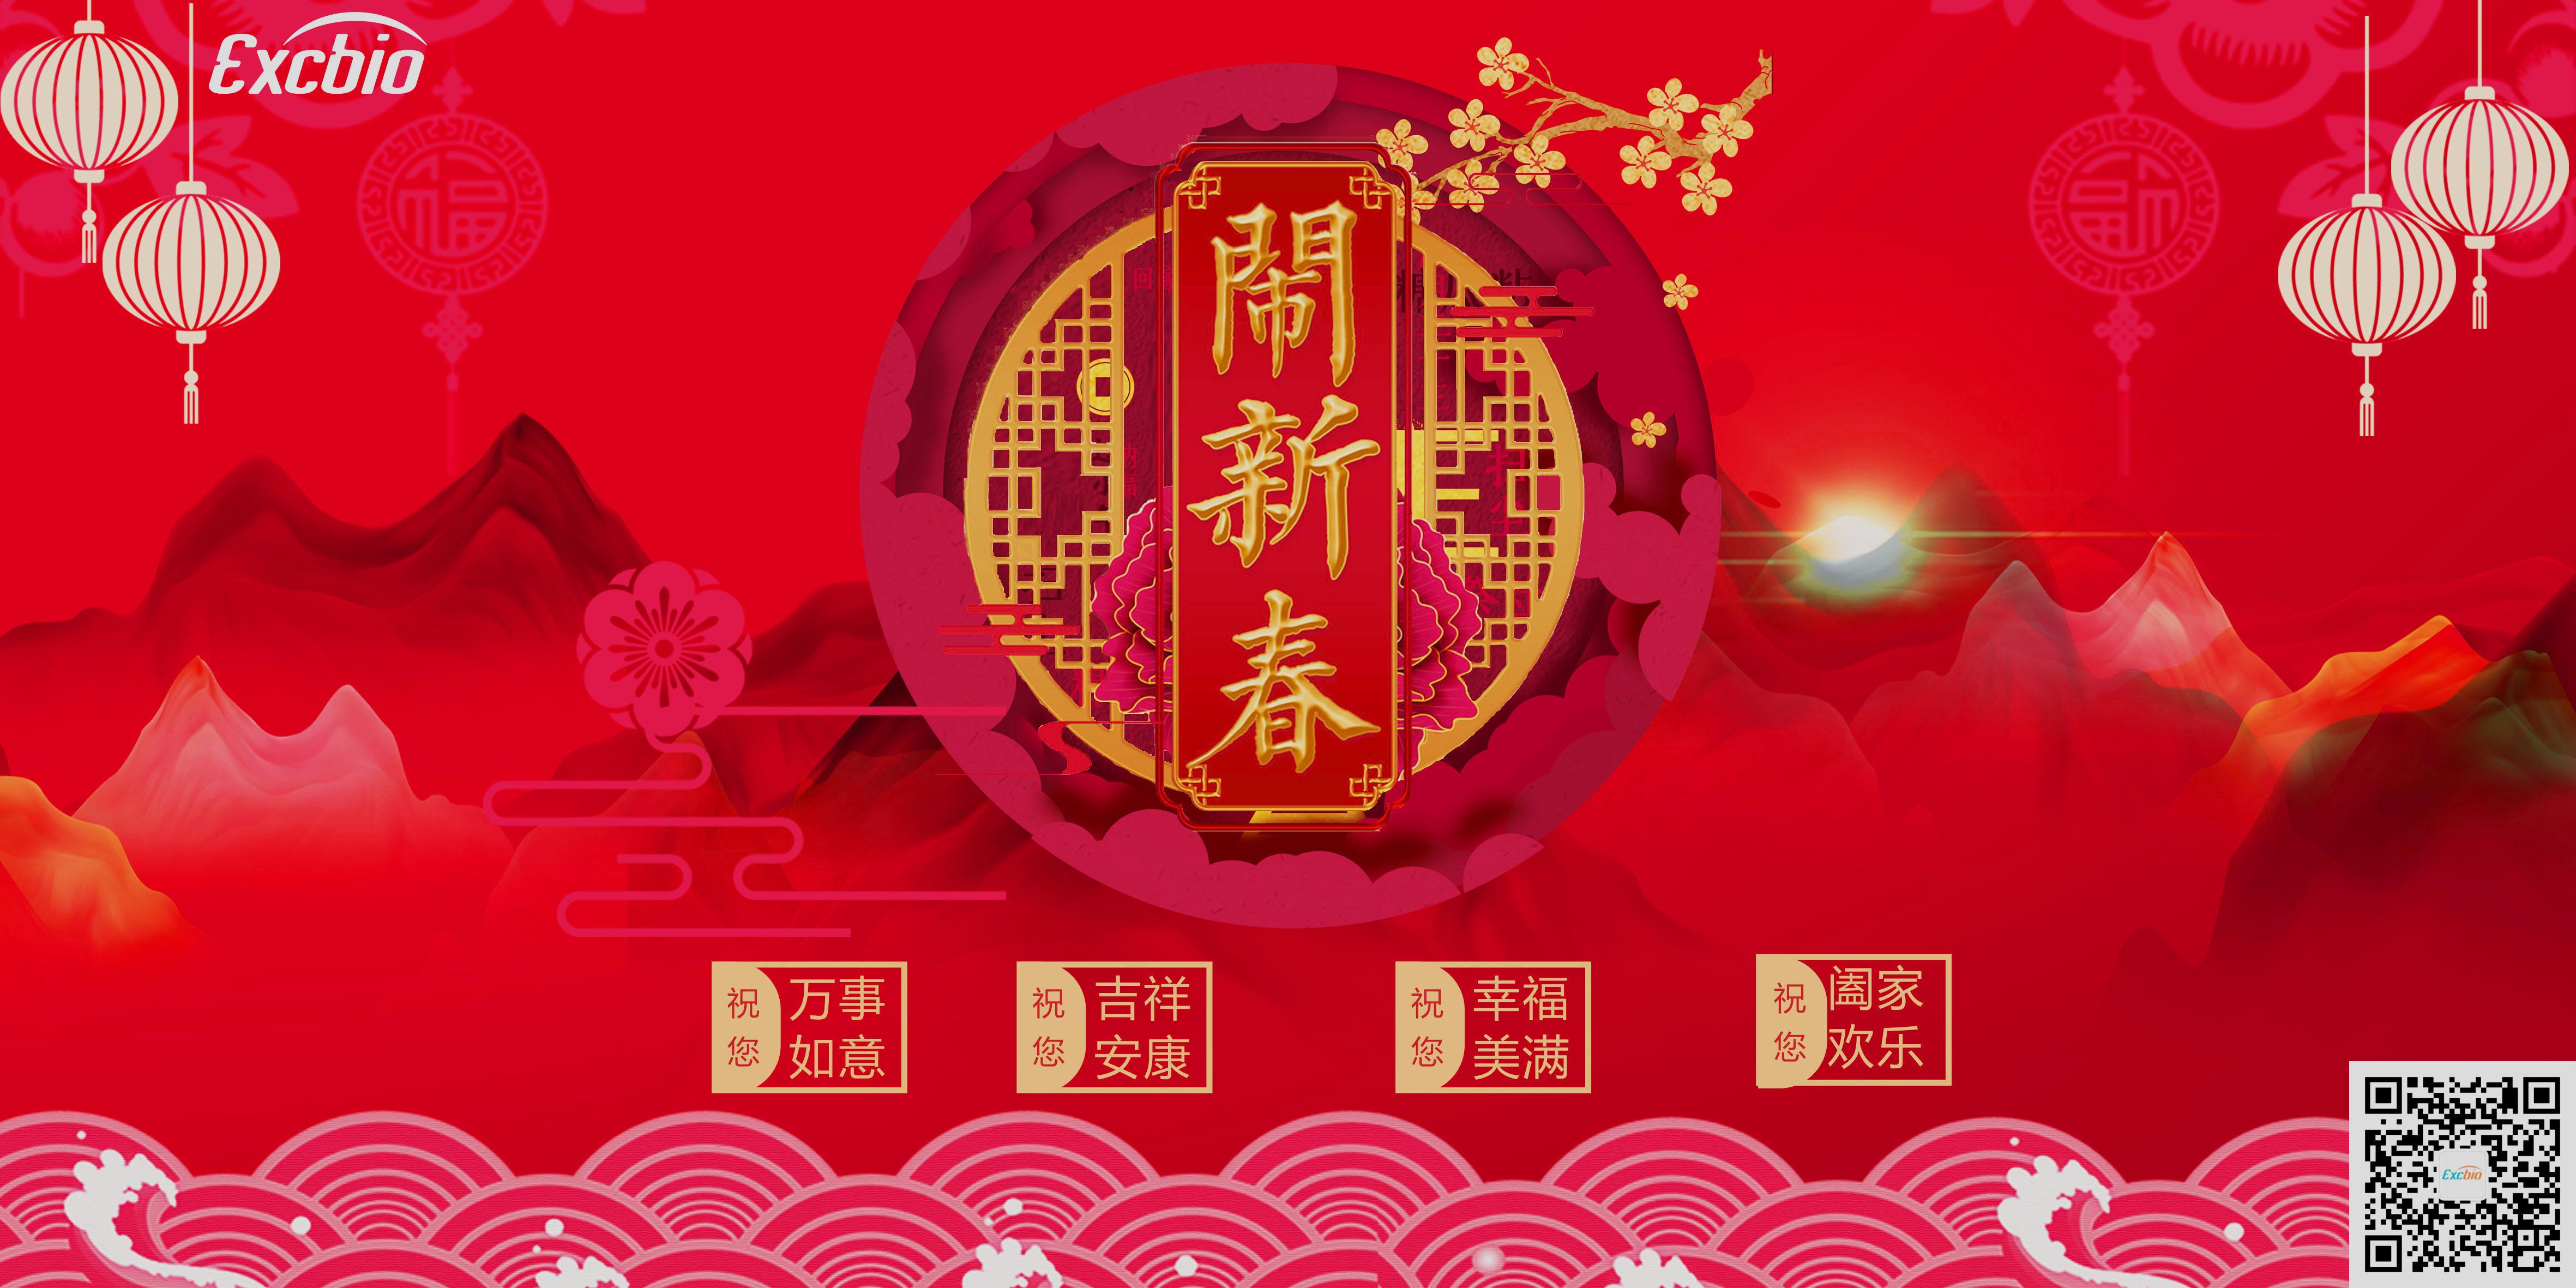 广州埃克森生物祝您新春快乐,幸福安康!